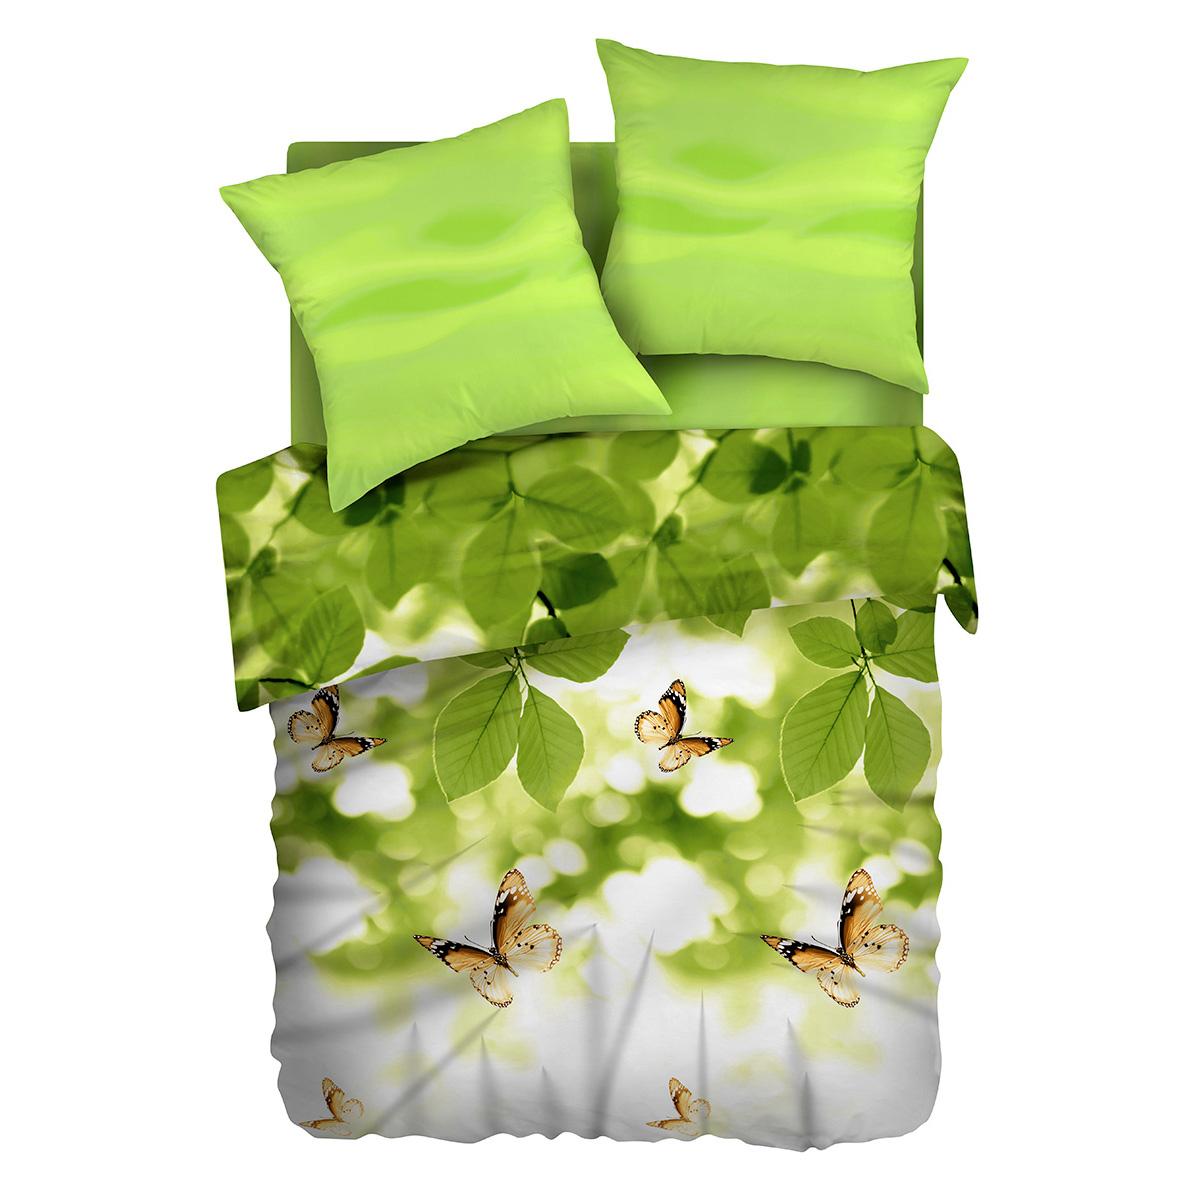 Комплект белья Романтика Бабочка желаний, 1,5-спальный, наволочки 70х70292802Бязевое постельное белье состоит из 100% хлопка самого простого полотняного переплетения из достаточно толстых, но мягких нитей. Стоит постельное белье из этой ткани не намного дороже поликоттона или полиэфира, но приятней на ощупь и лучше пропускают воздух. Благодаря современным технологиям окраски, простыни не теряют свой цвет даже после множества стирок. По своим свойствам бязь уступает сатину, что окупается низкой стоимостью и неприхотливостью в уходе. Атмосфера любви и гармонии в вашем доме – это Романтика.